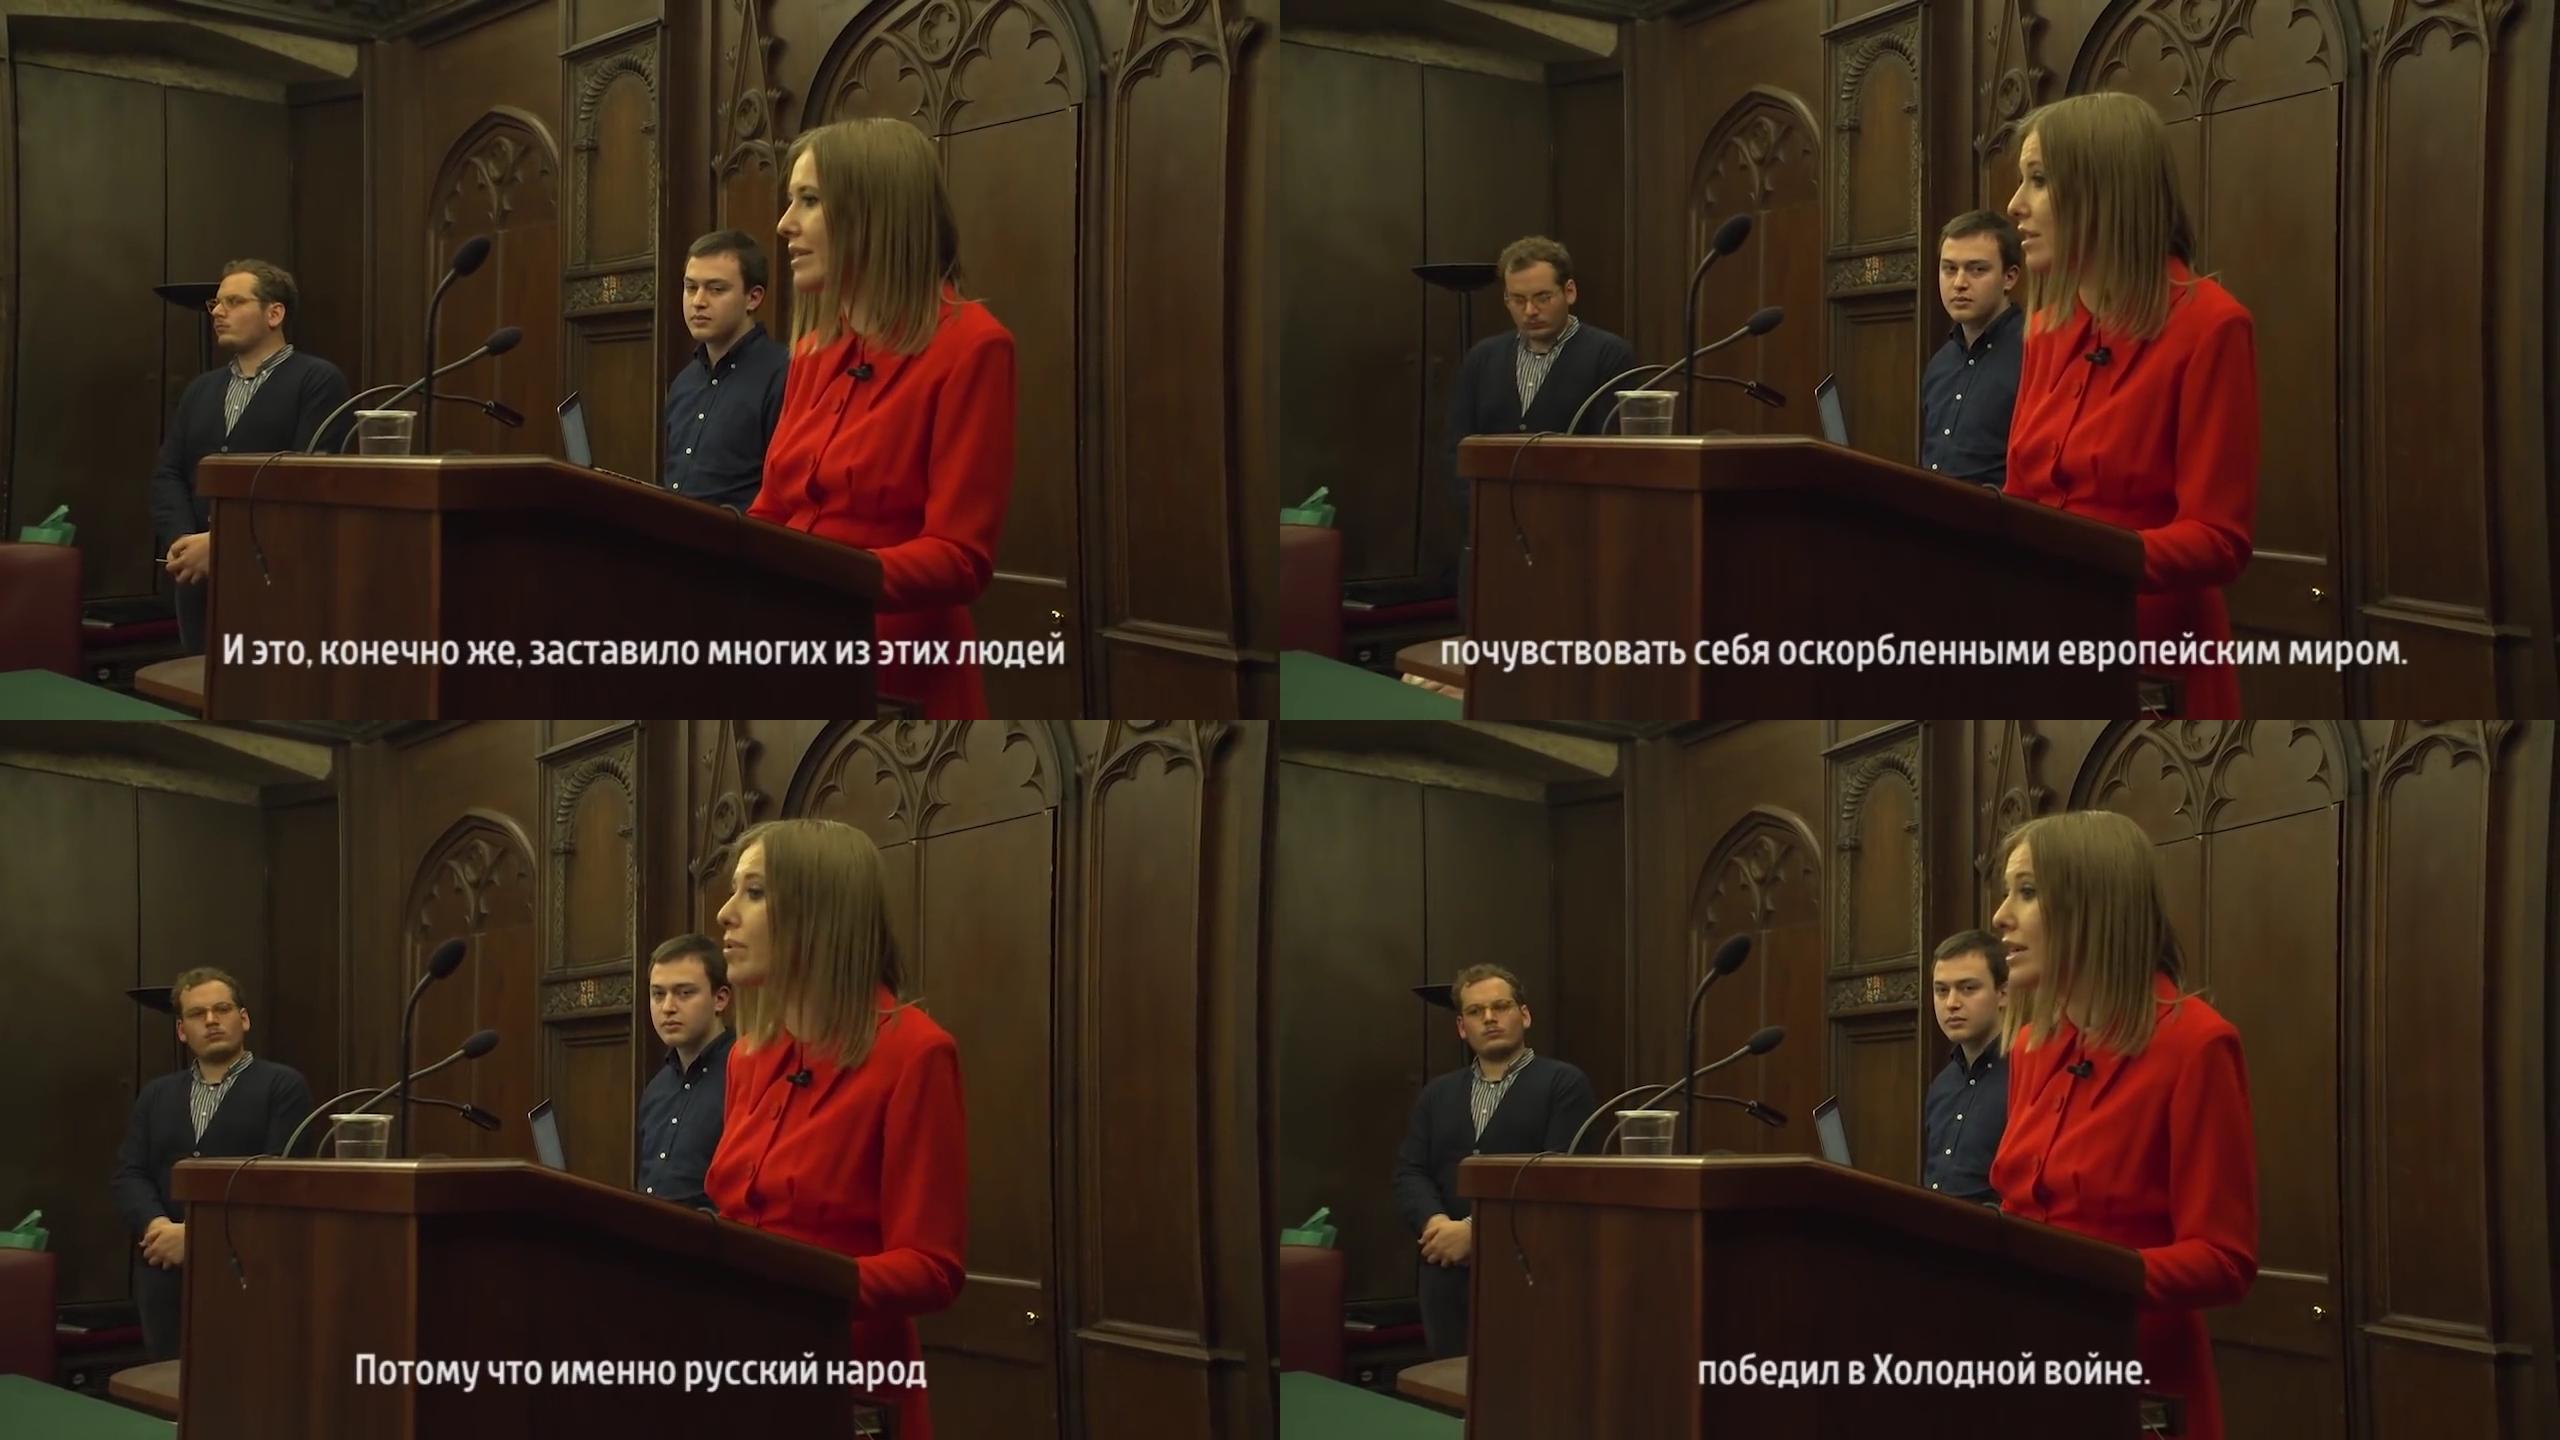 20171129-Оксфордская речь Ксении Собчак